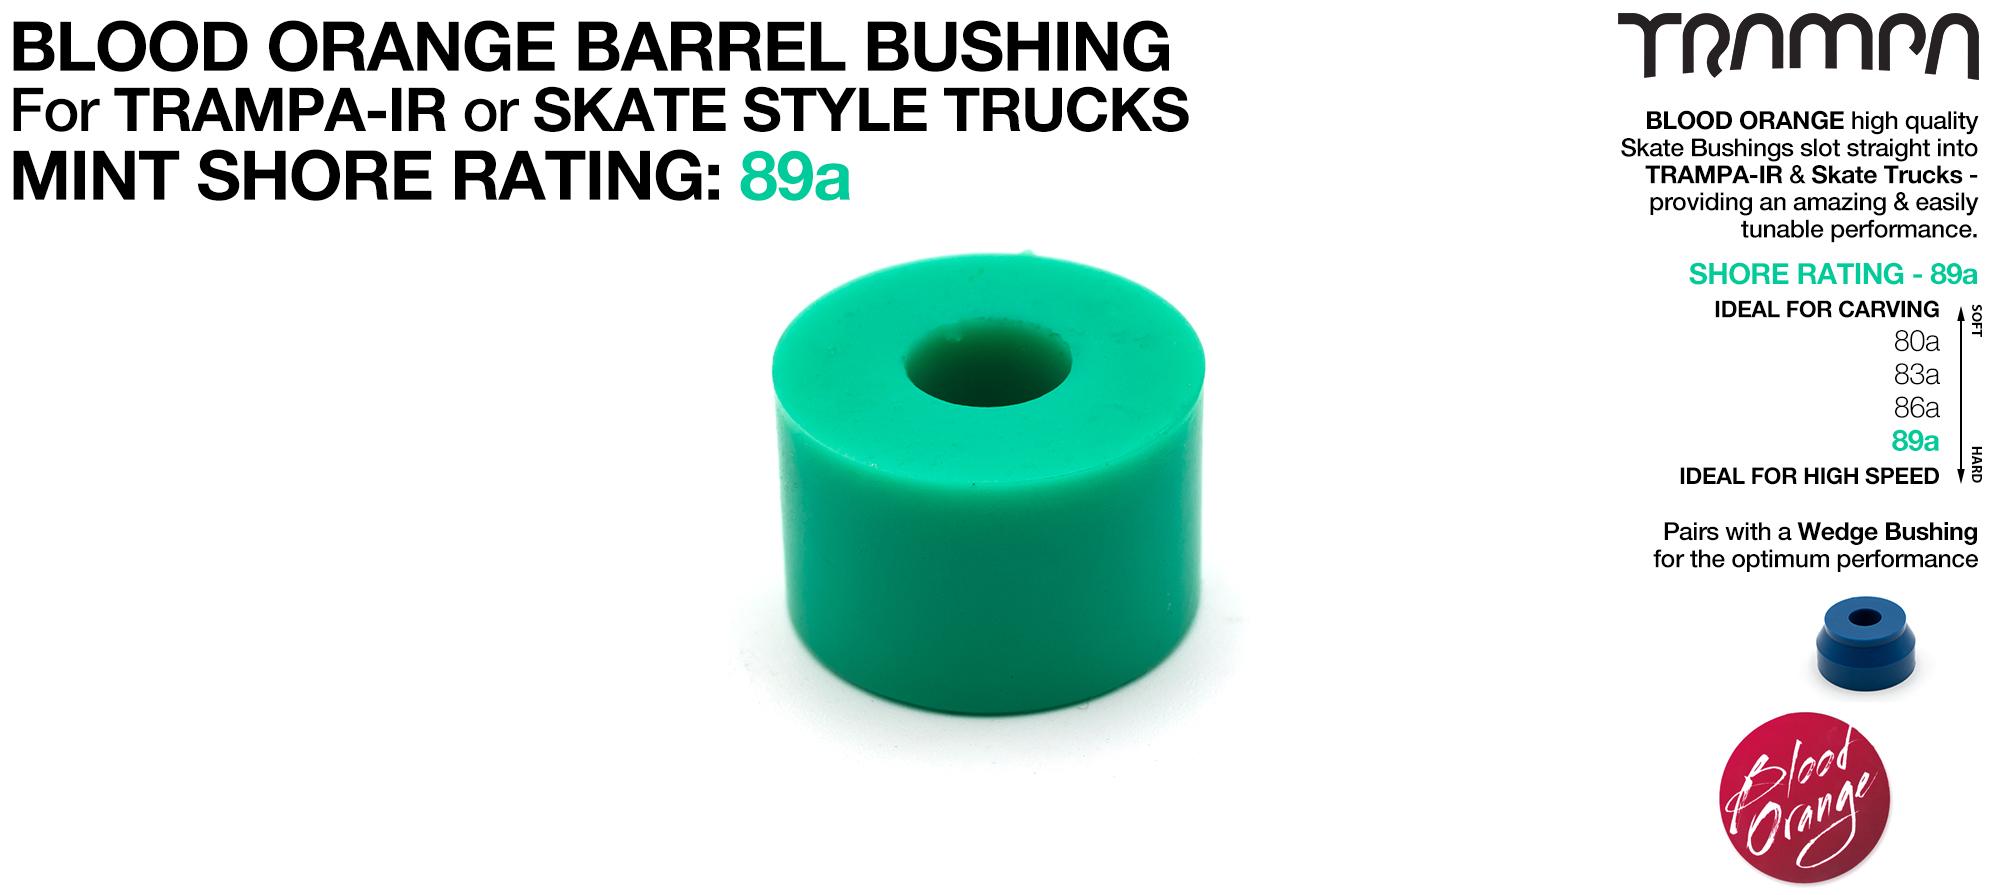 Blood Orange Bushings 89a Lubricated Internal Barrel Set - RED